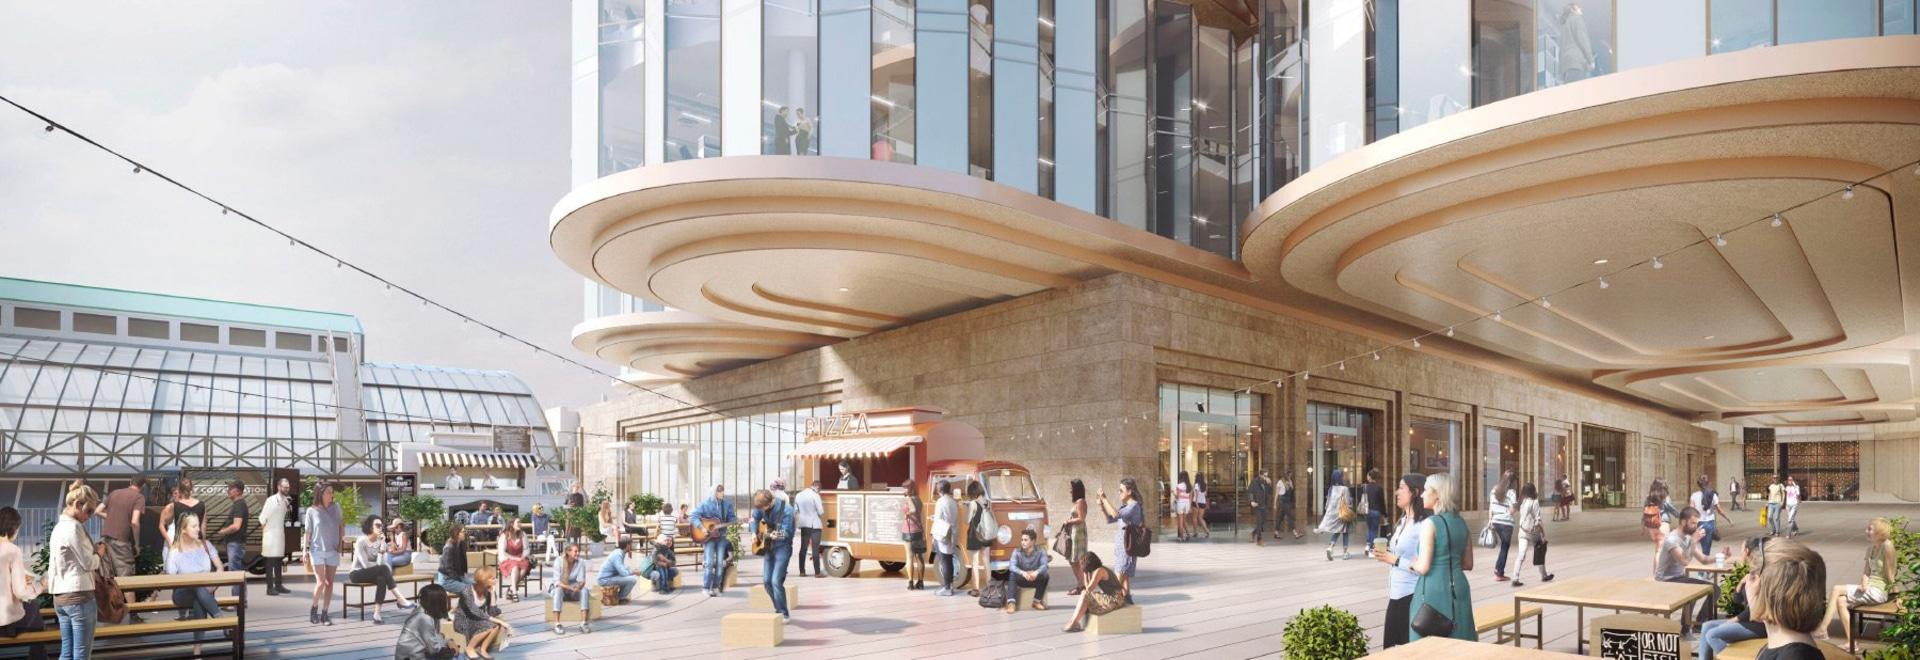 el estudio del heatherwick y SPPARC consiguen la luz verde para la revisión de Londres de la Olympia £1 mil millones